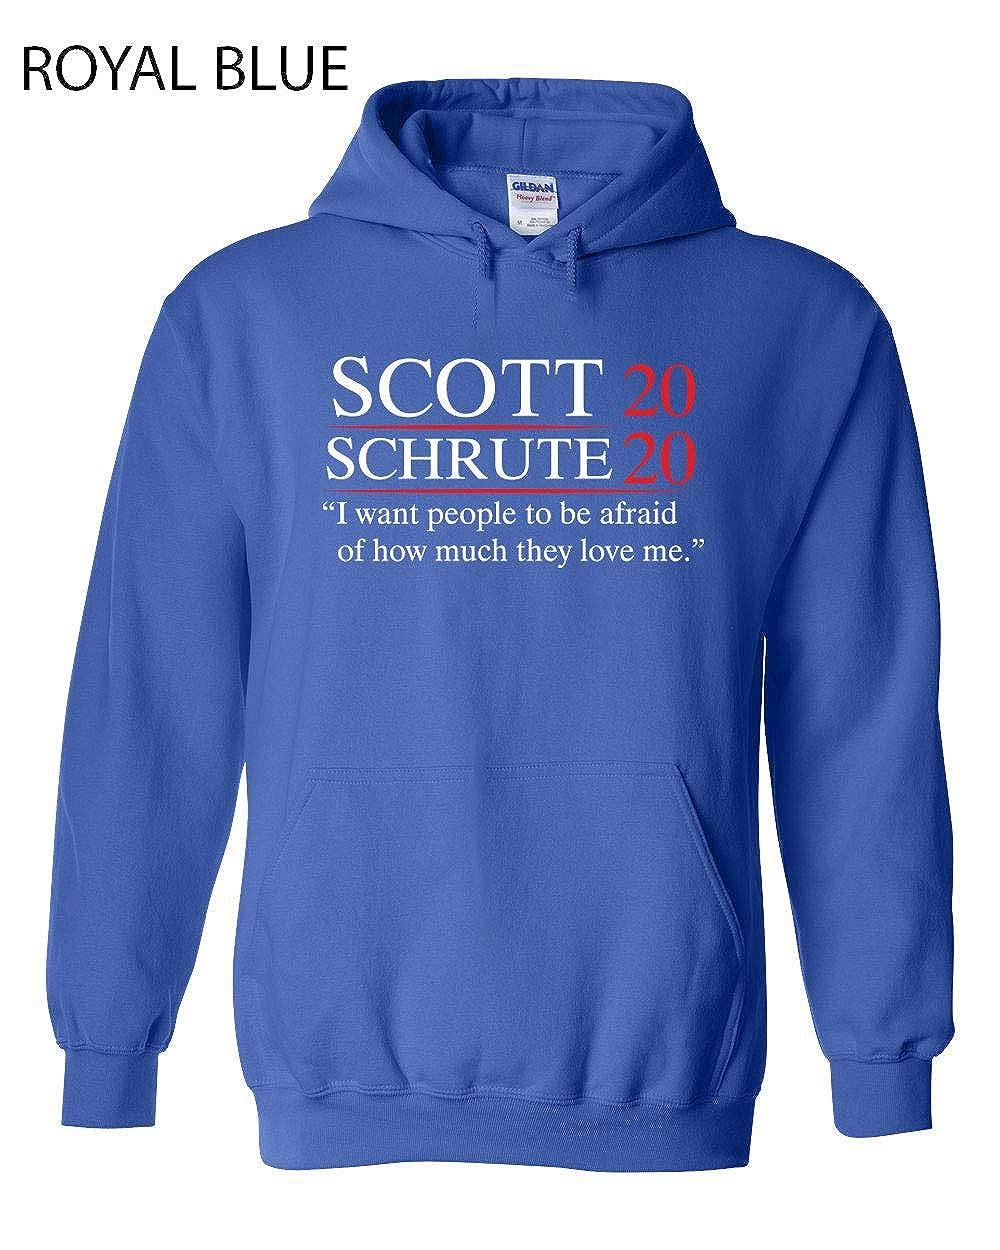 457 Scott Schrute 2020 Funny Hooded Sweatshirt